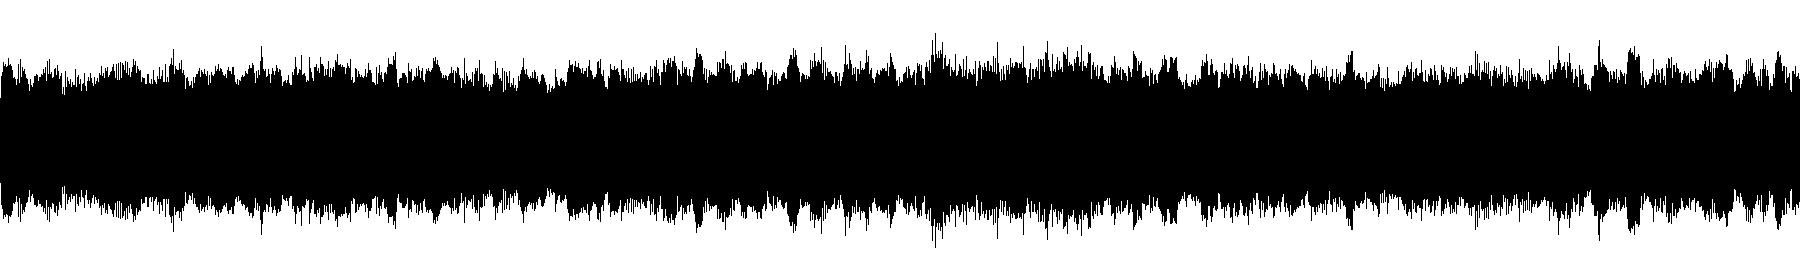 xprf music 130 rex pad bb